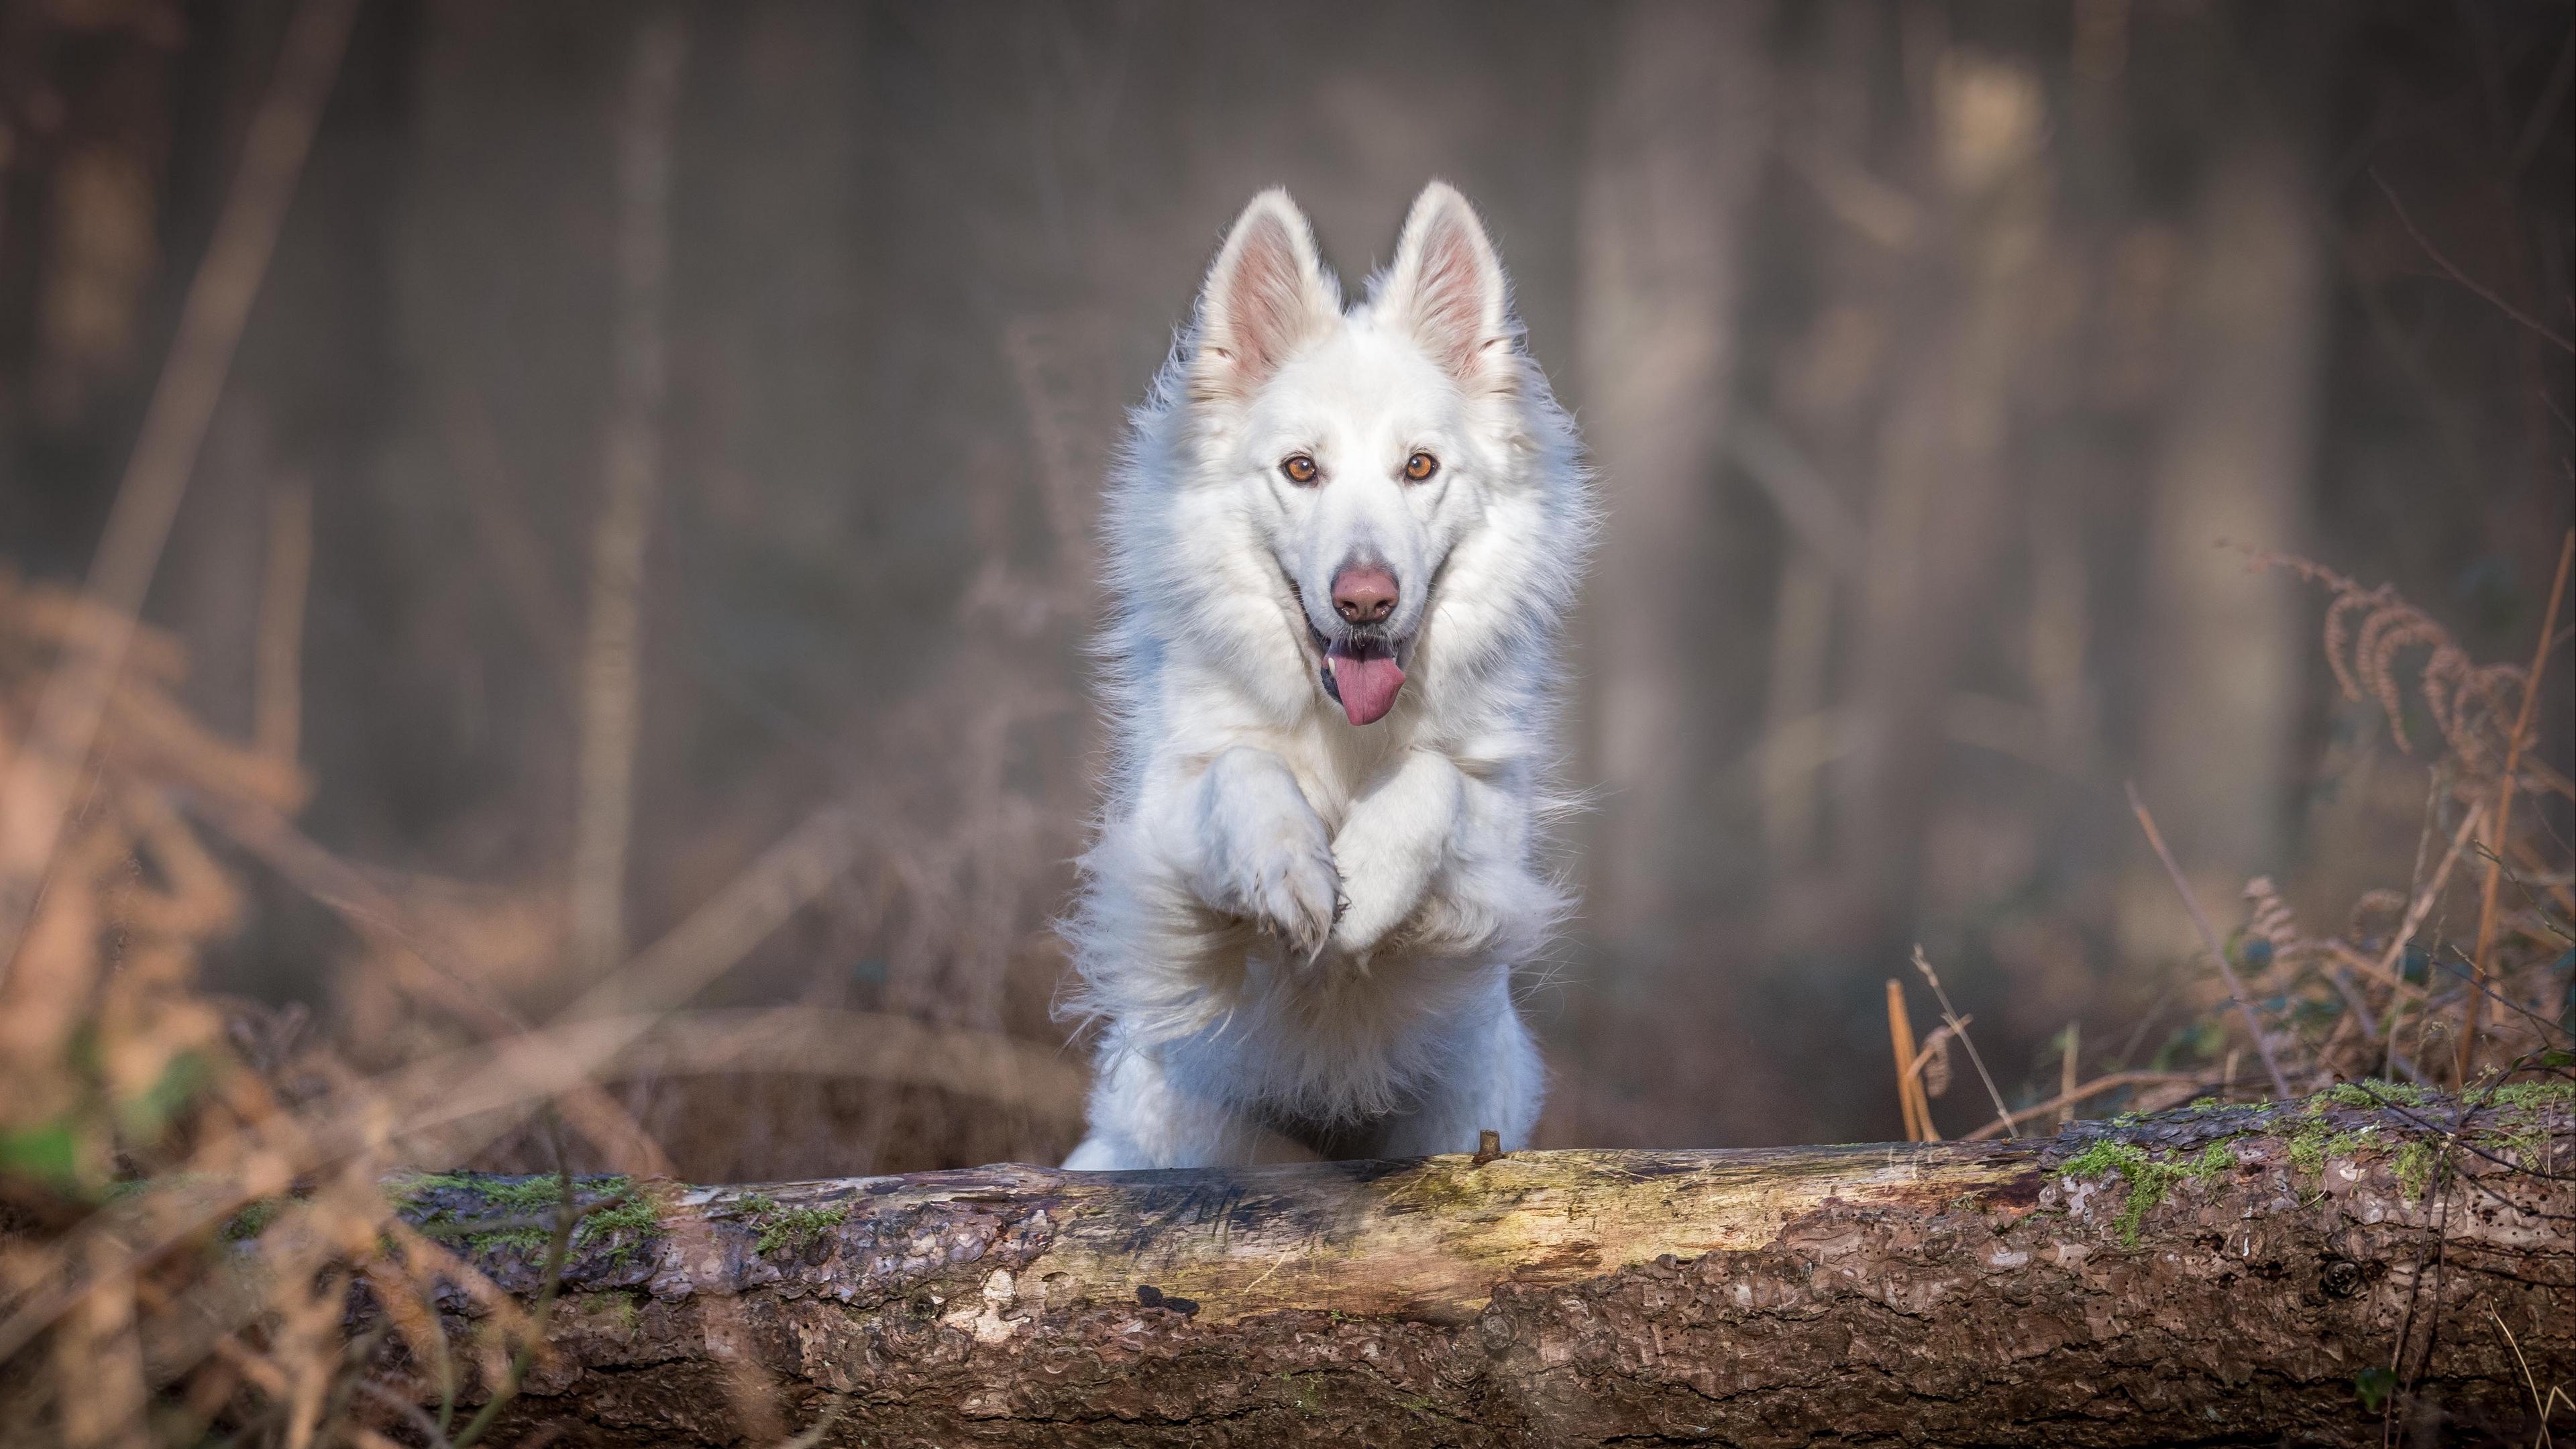 dog jump white log 4k 1542241684 - dog, jump, white, log 4k - white, jump, Dog